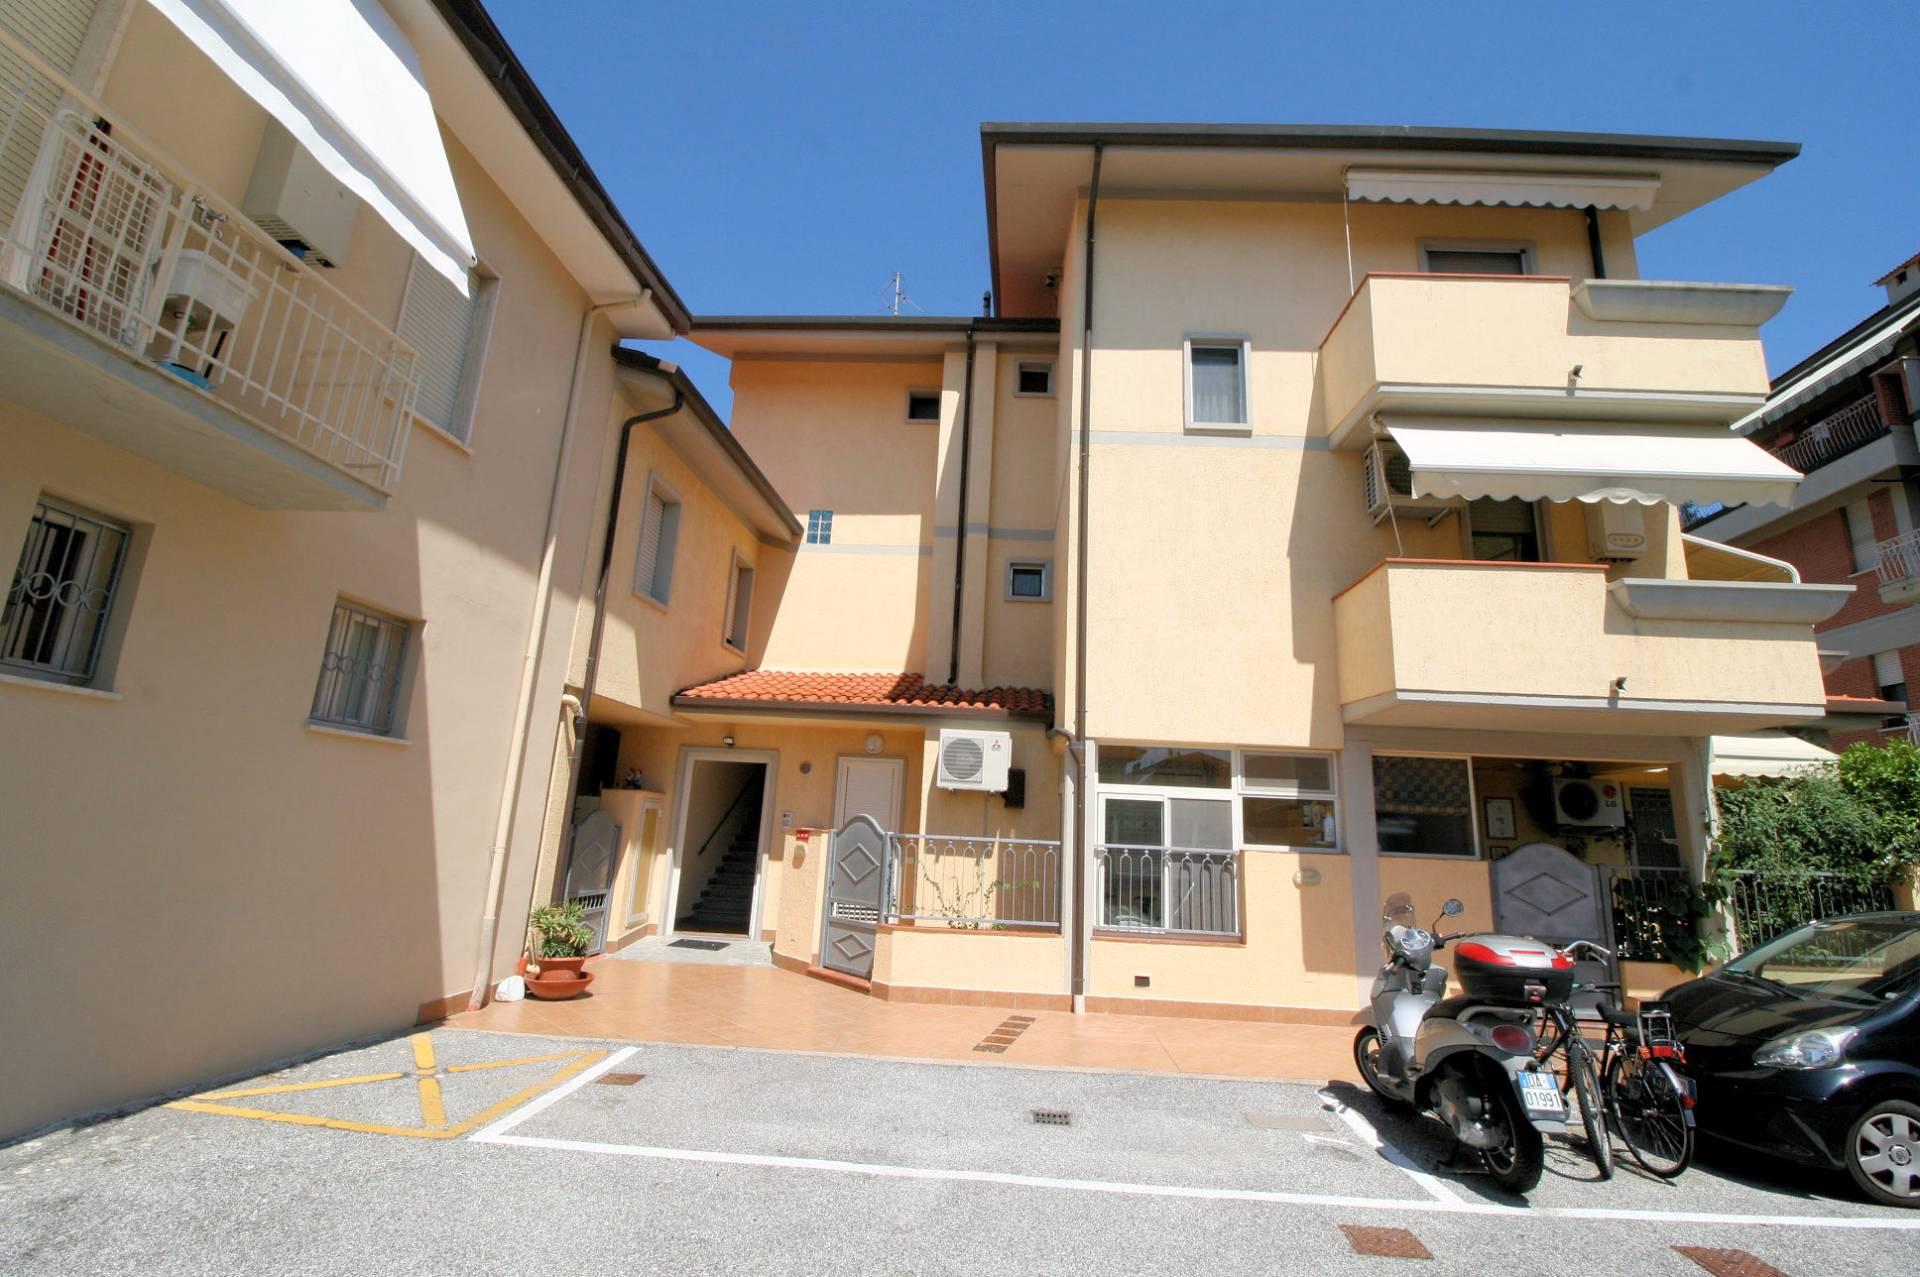 Appartamento in vendita a Viareggio, 6 locali, prezzo € 350.000 | Cambio Casa.it